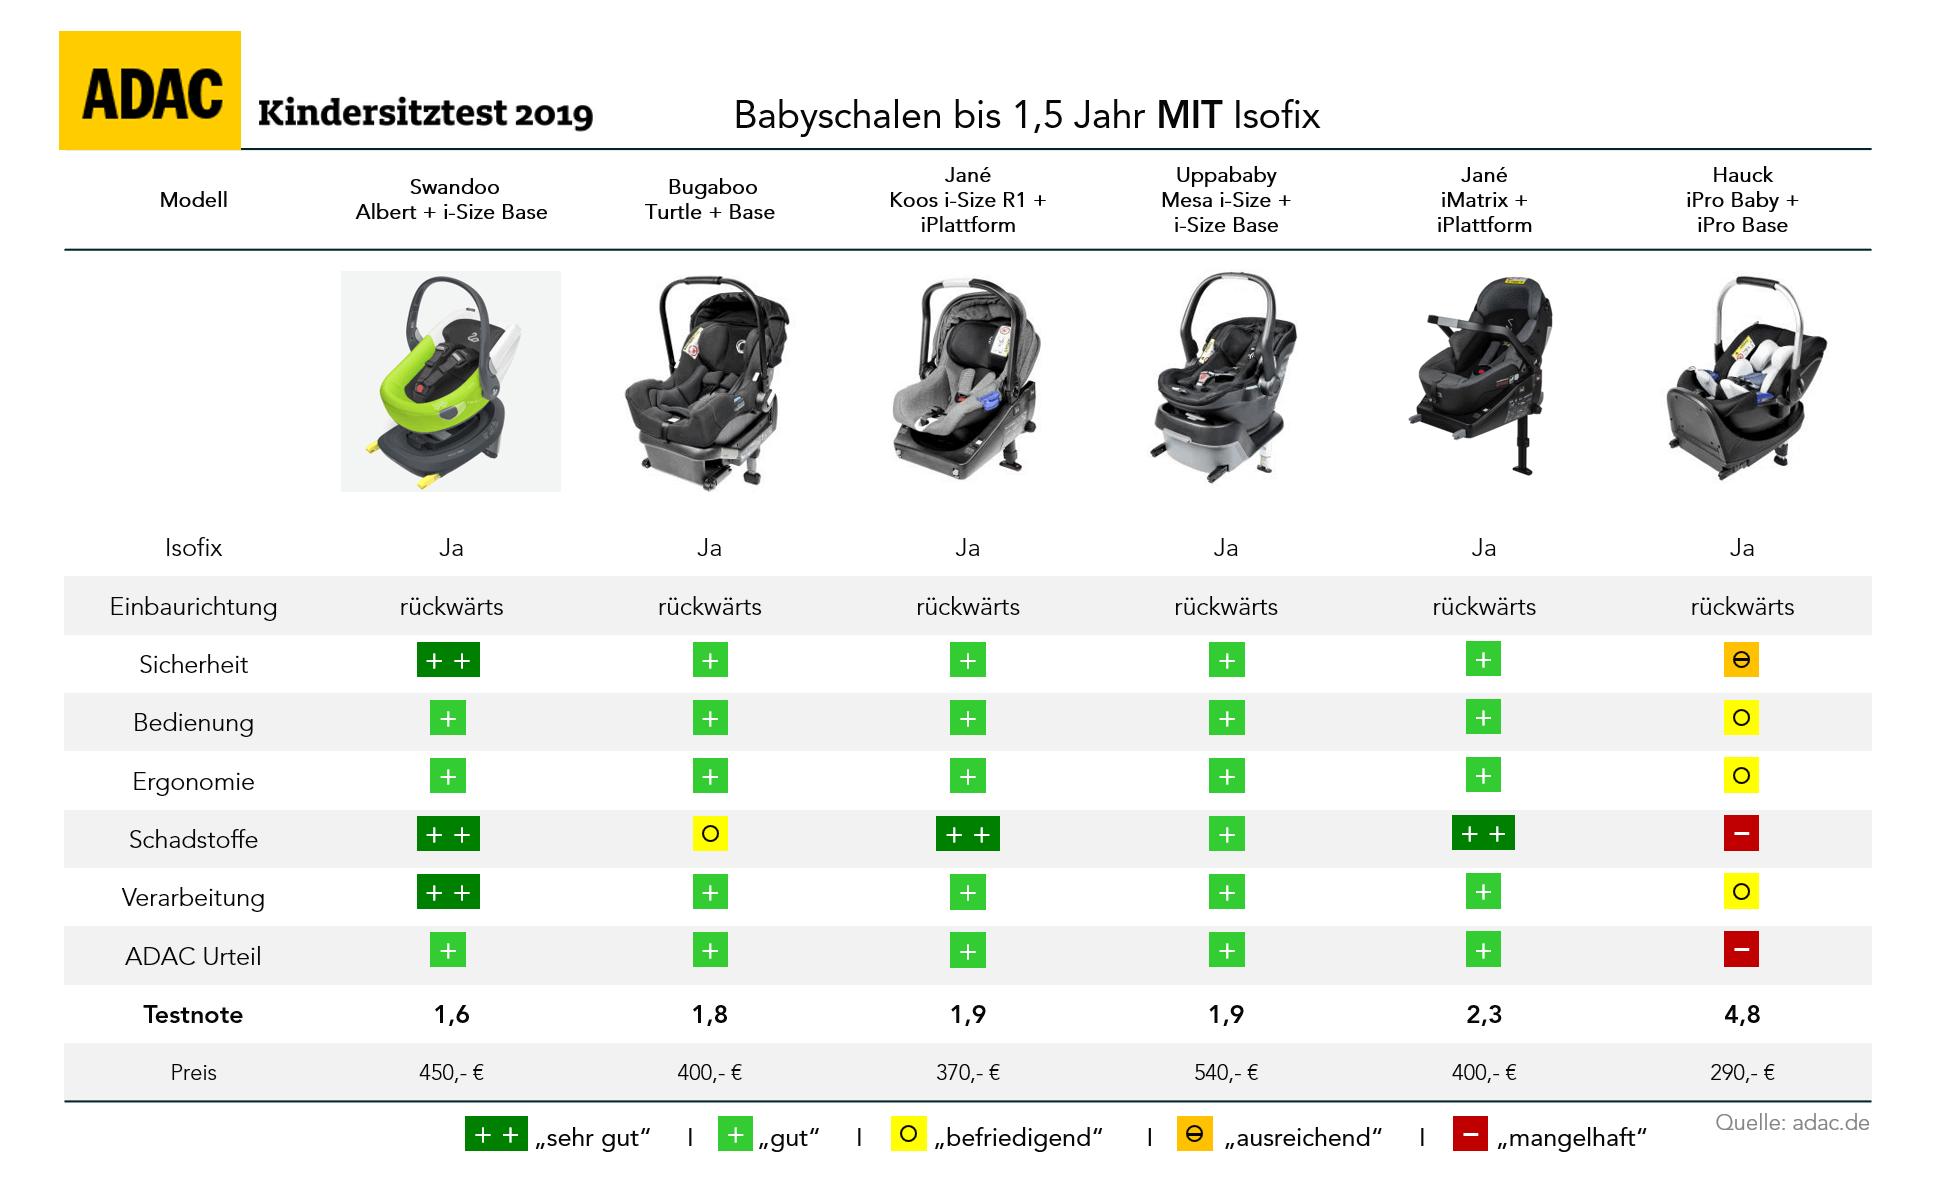 adac-kindersitz-test-2019-herbst-babyschale-mit-isofix